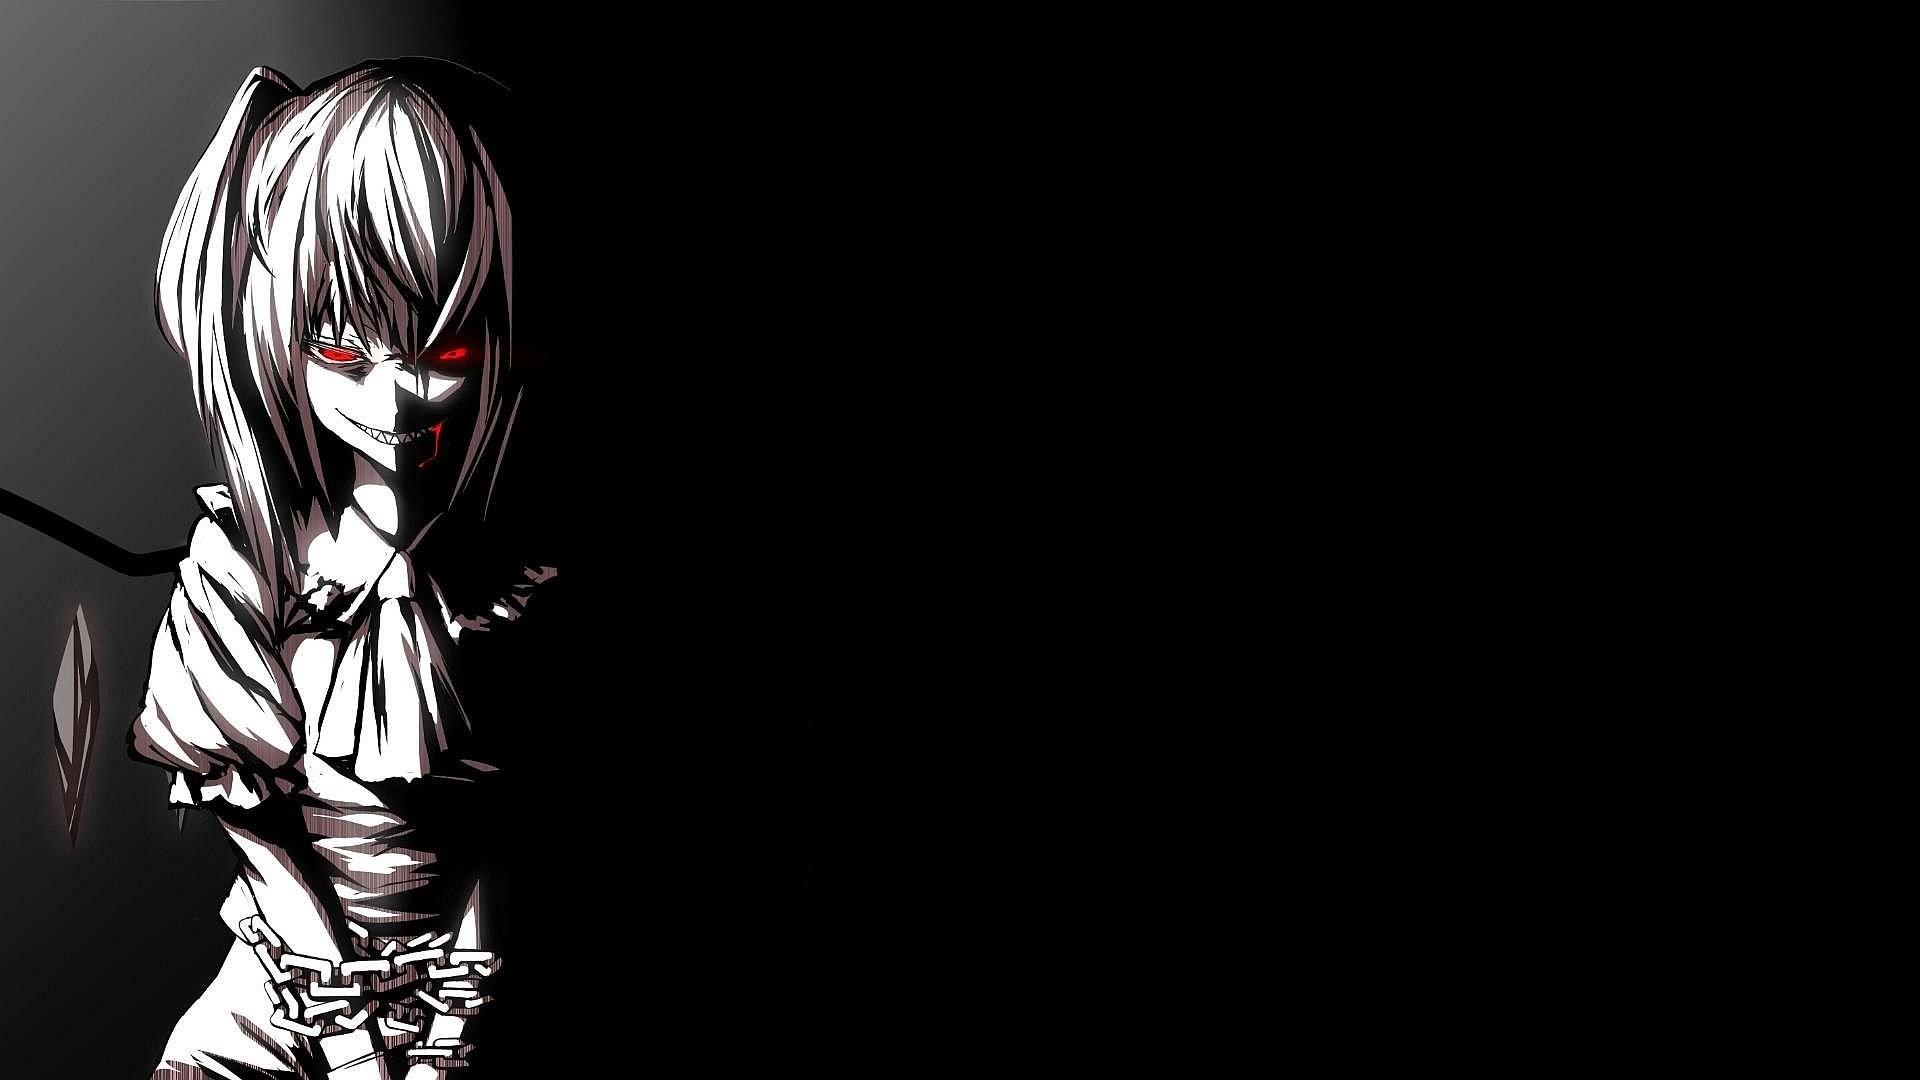 Dark Anime Girl Wallpaper 6329